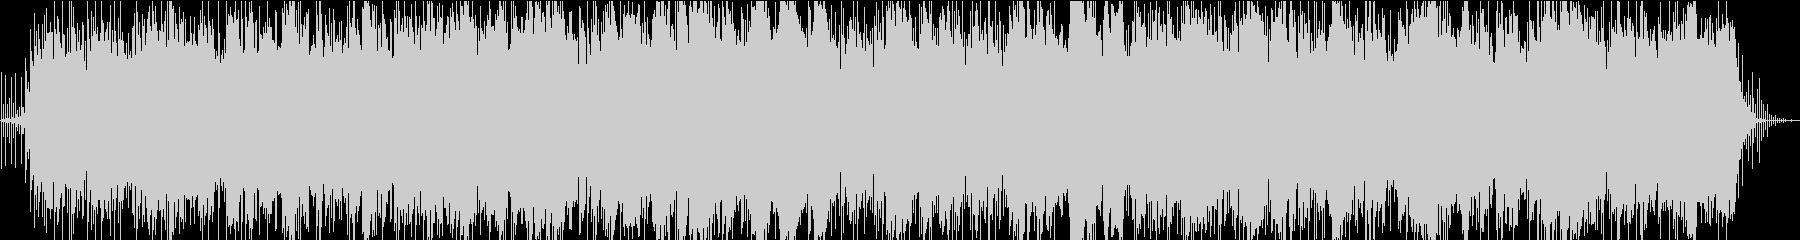 ピンクフロイドスタイルのギターサウンド。の未再生の波形